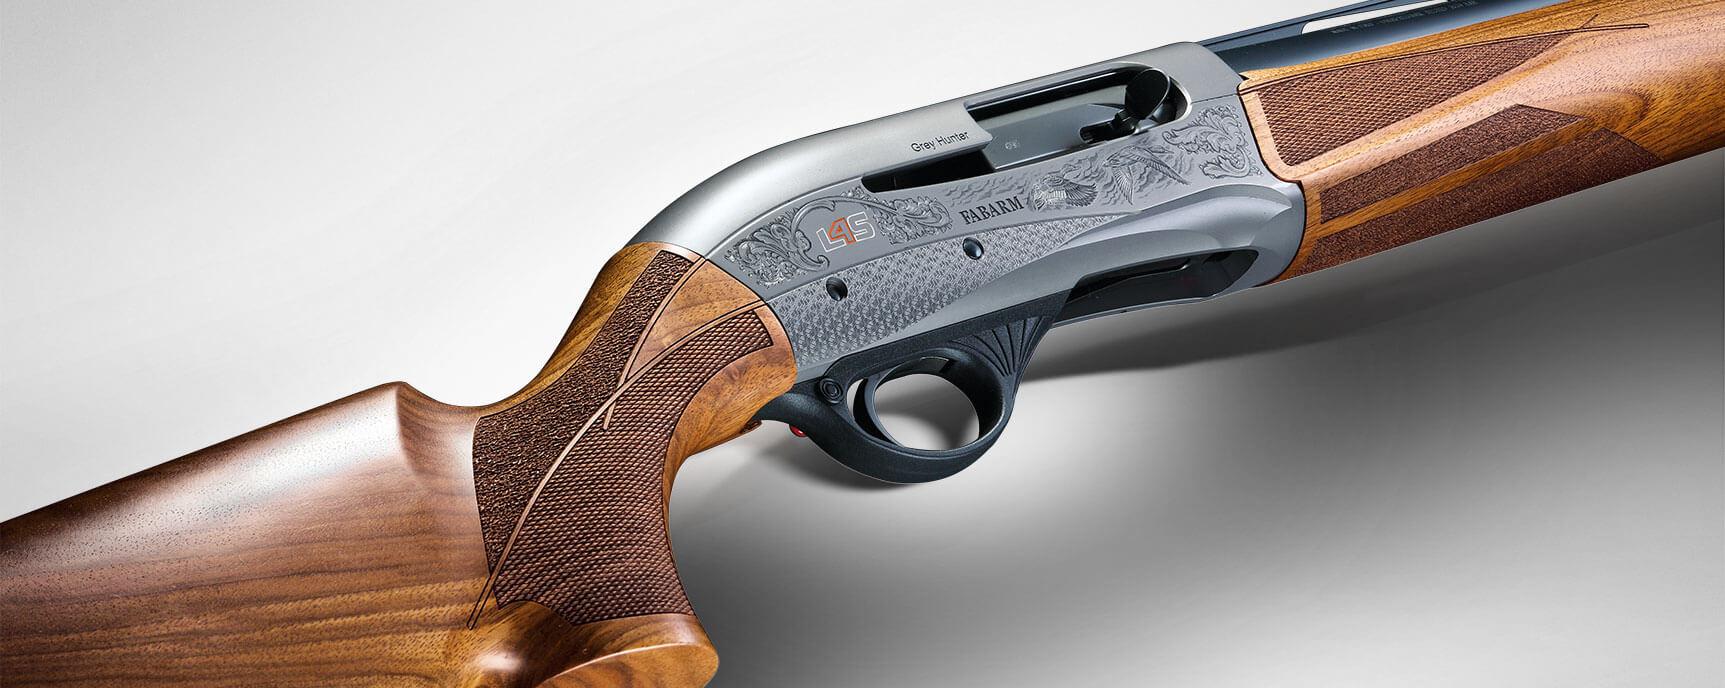 Nueva escopeta semiautomática de caza Fabarm modelo L4S